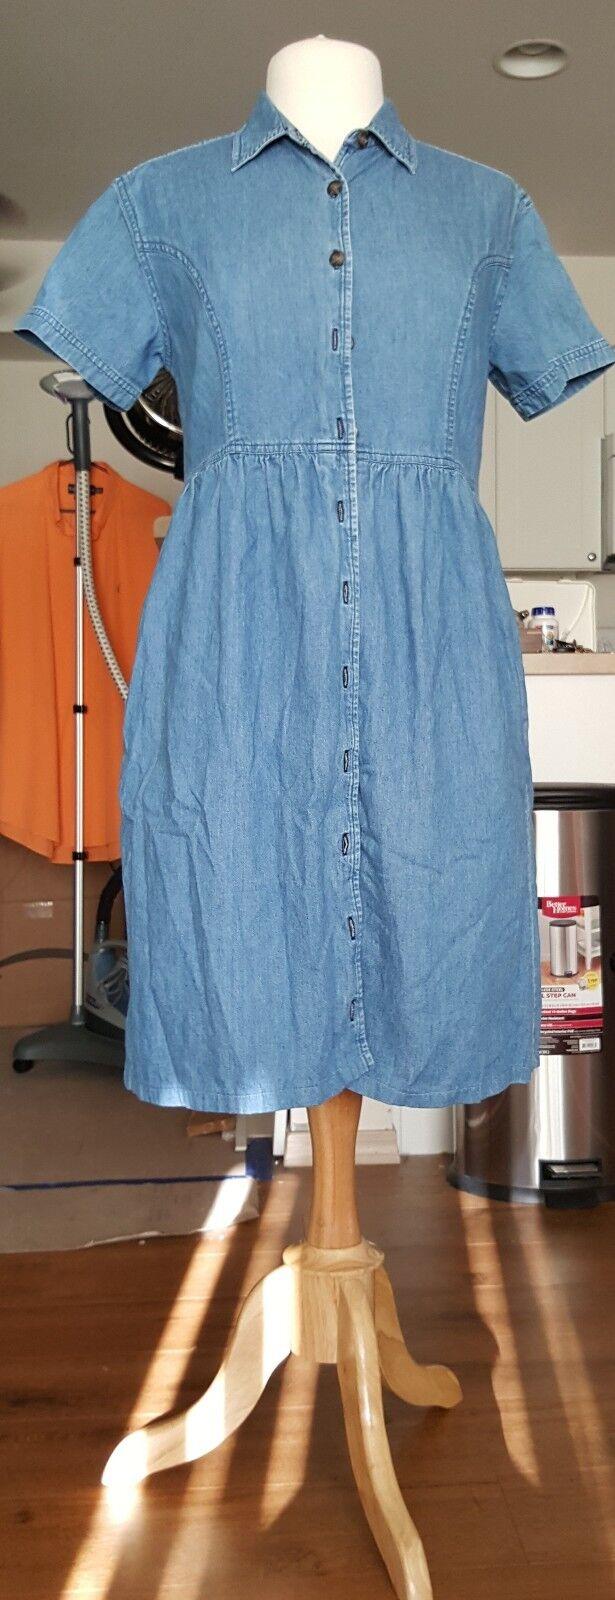 LL BEAN WOMEN'S DENIM jean dress SIZE 10  BUTTON front